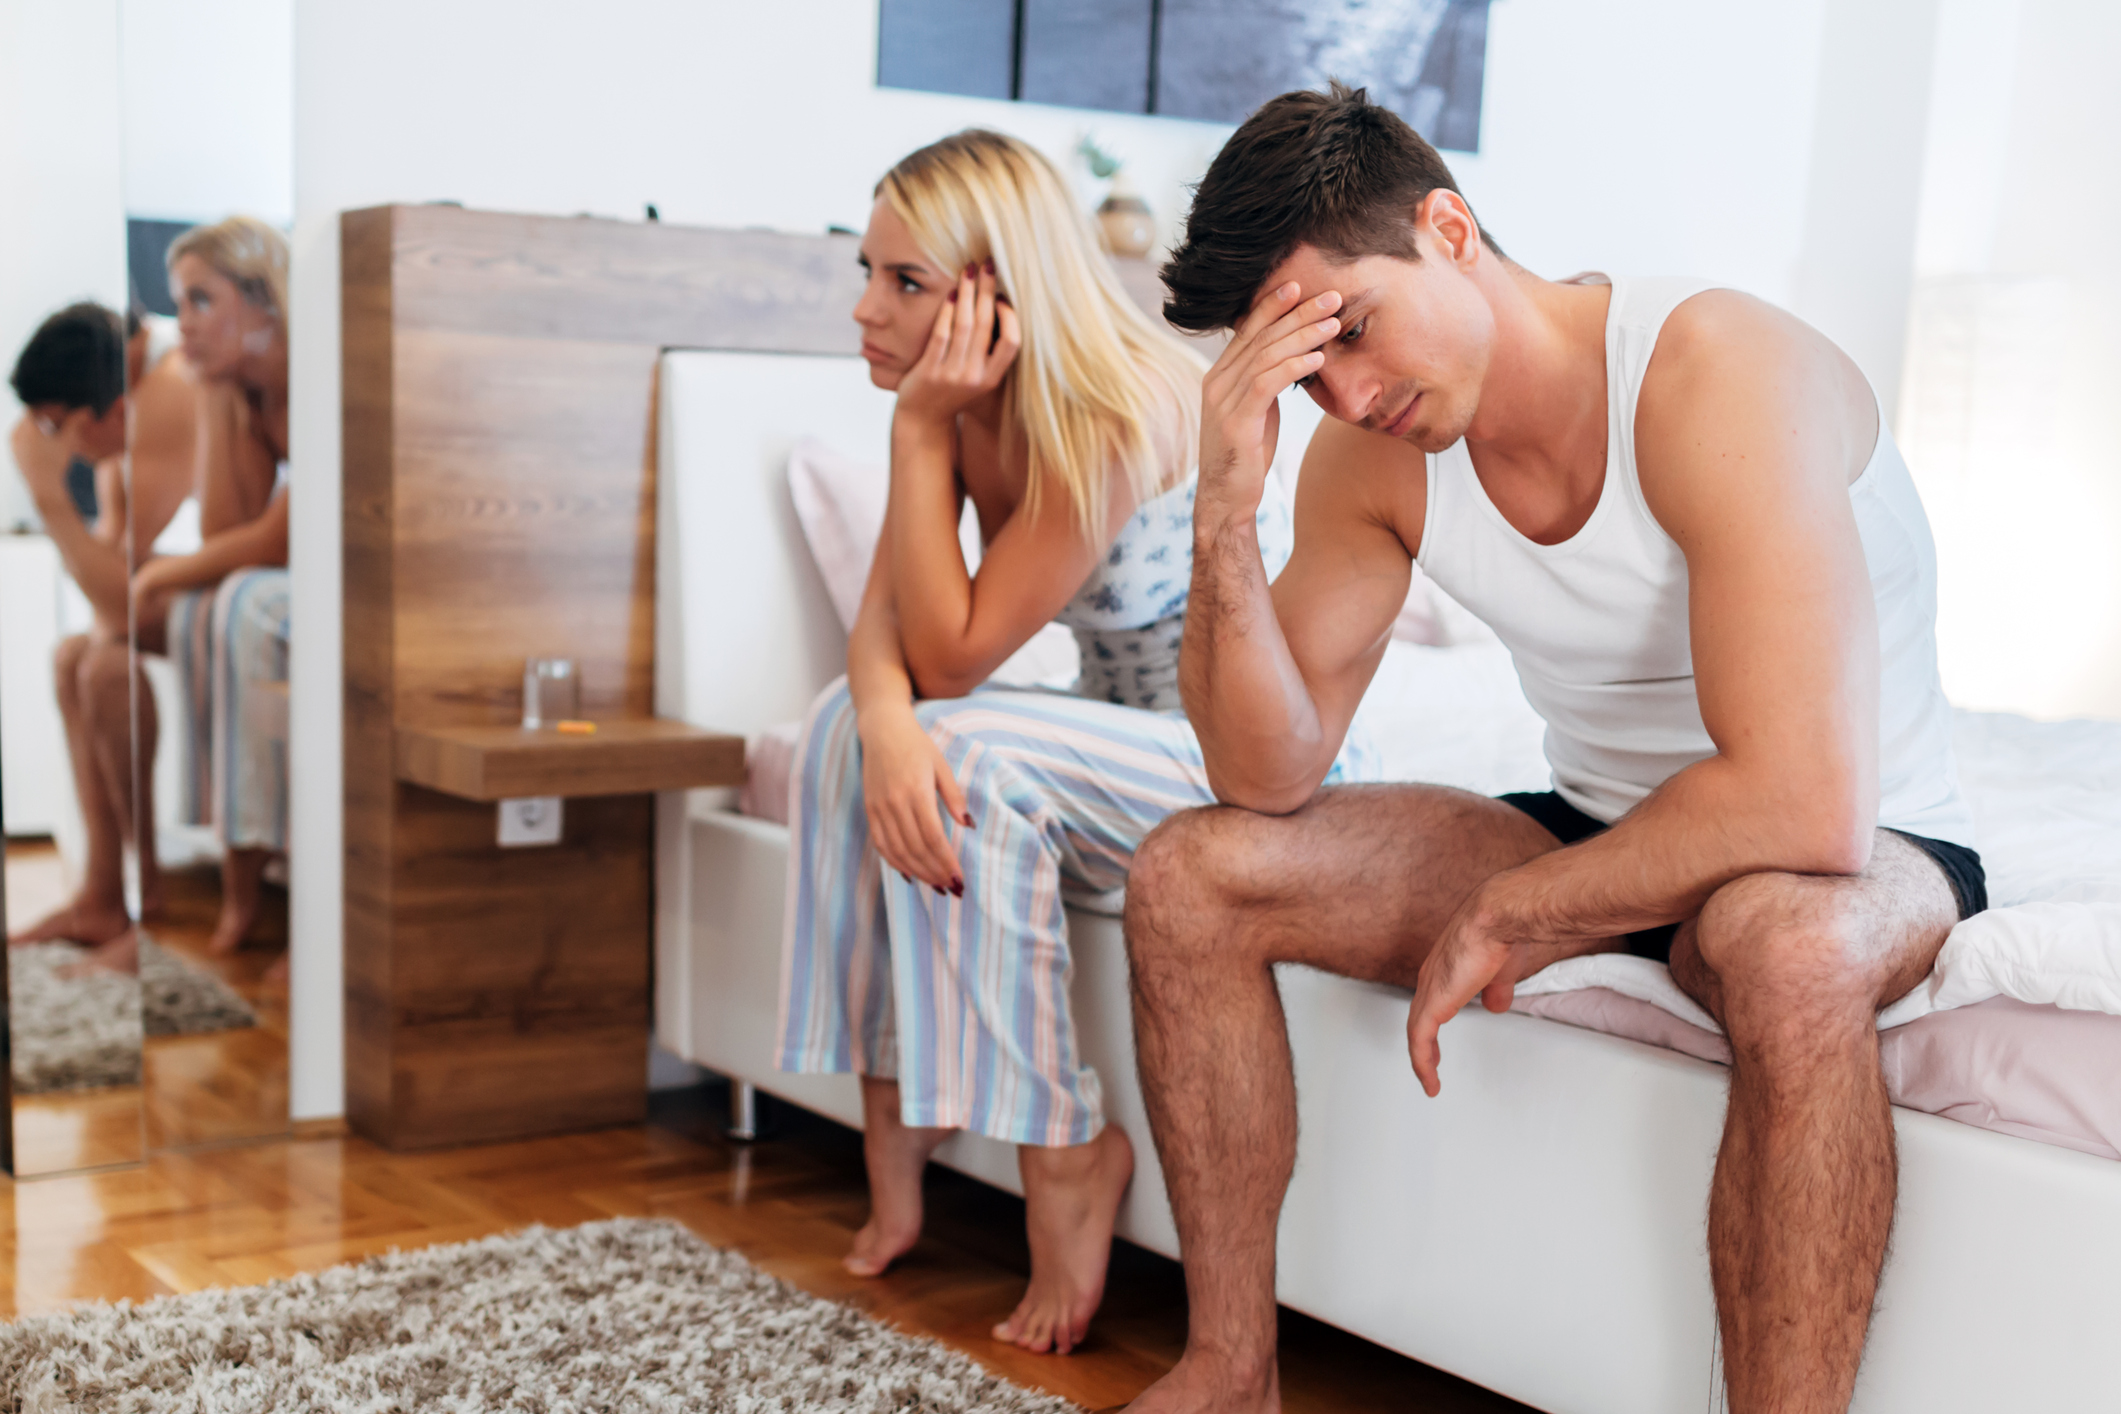 έχοντας πρωκτικό σεξ ενώ έγκυος κορίτσια μουνί λήψεις